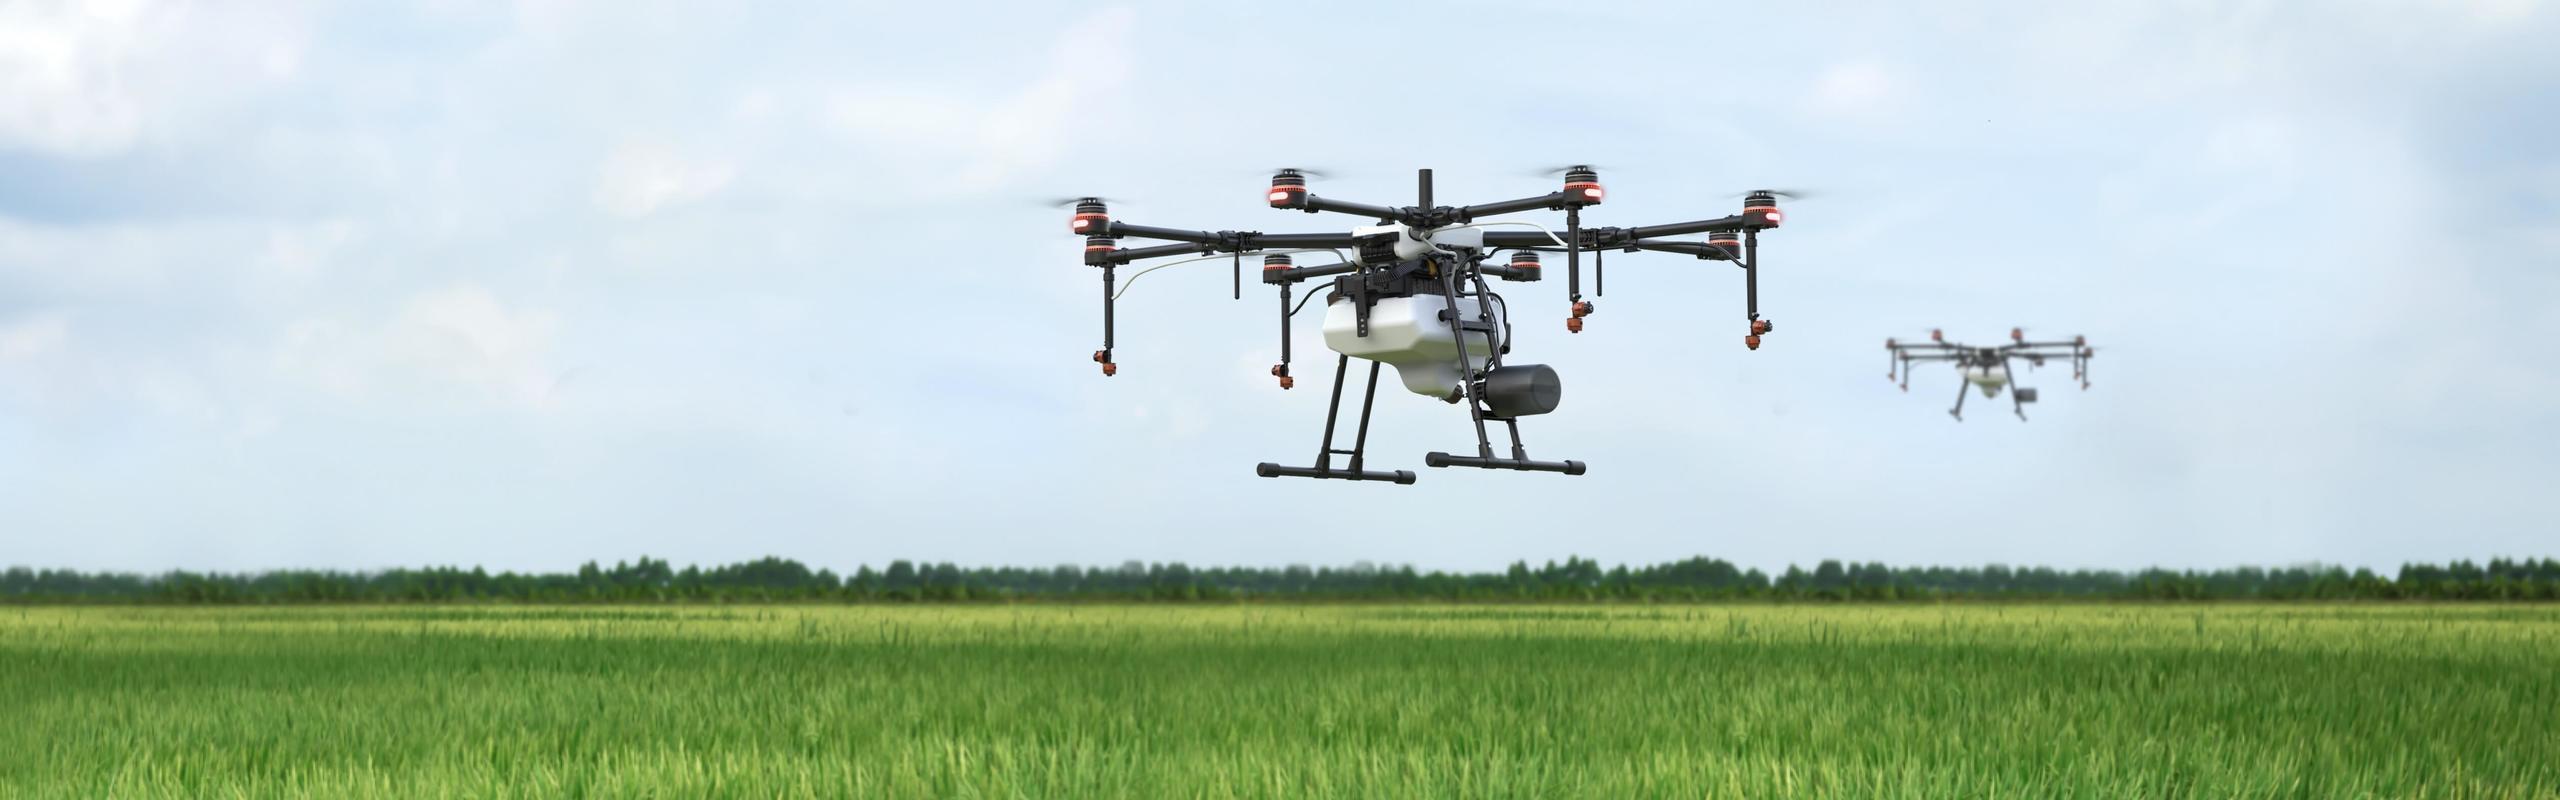 Drones in de landbouw - Beperkingen en oplossingen - Achtergrond - Tweakers